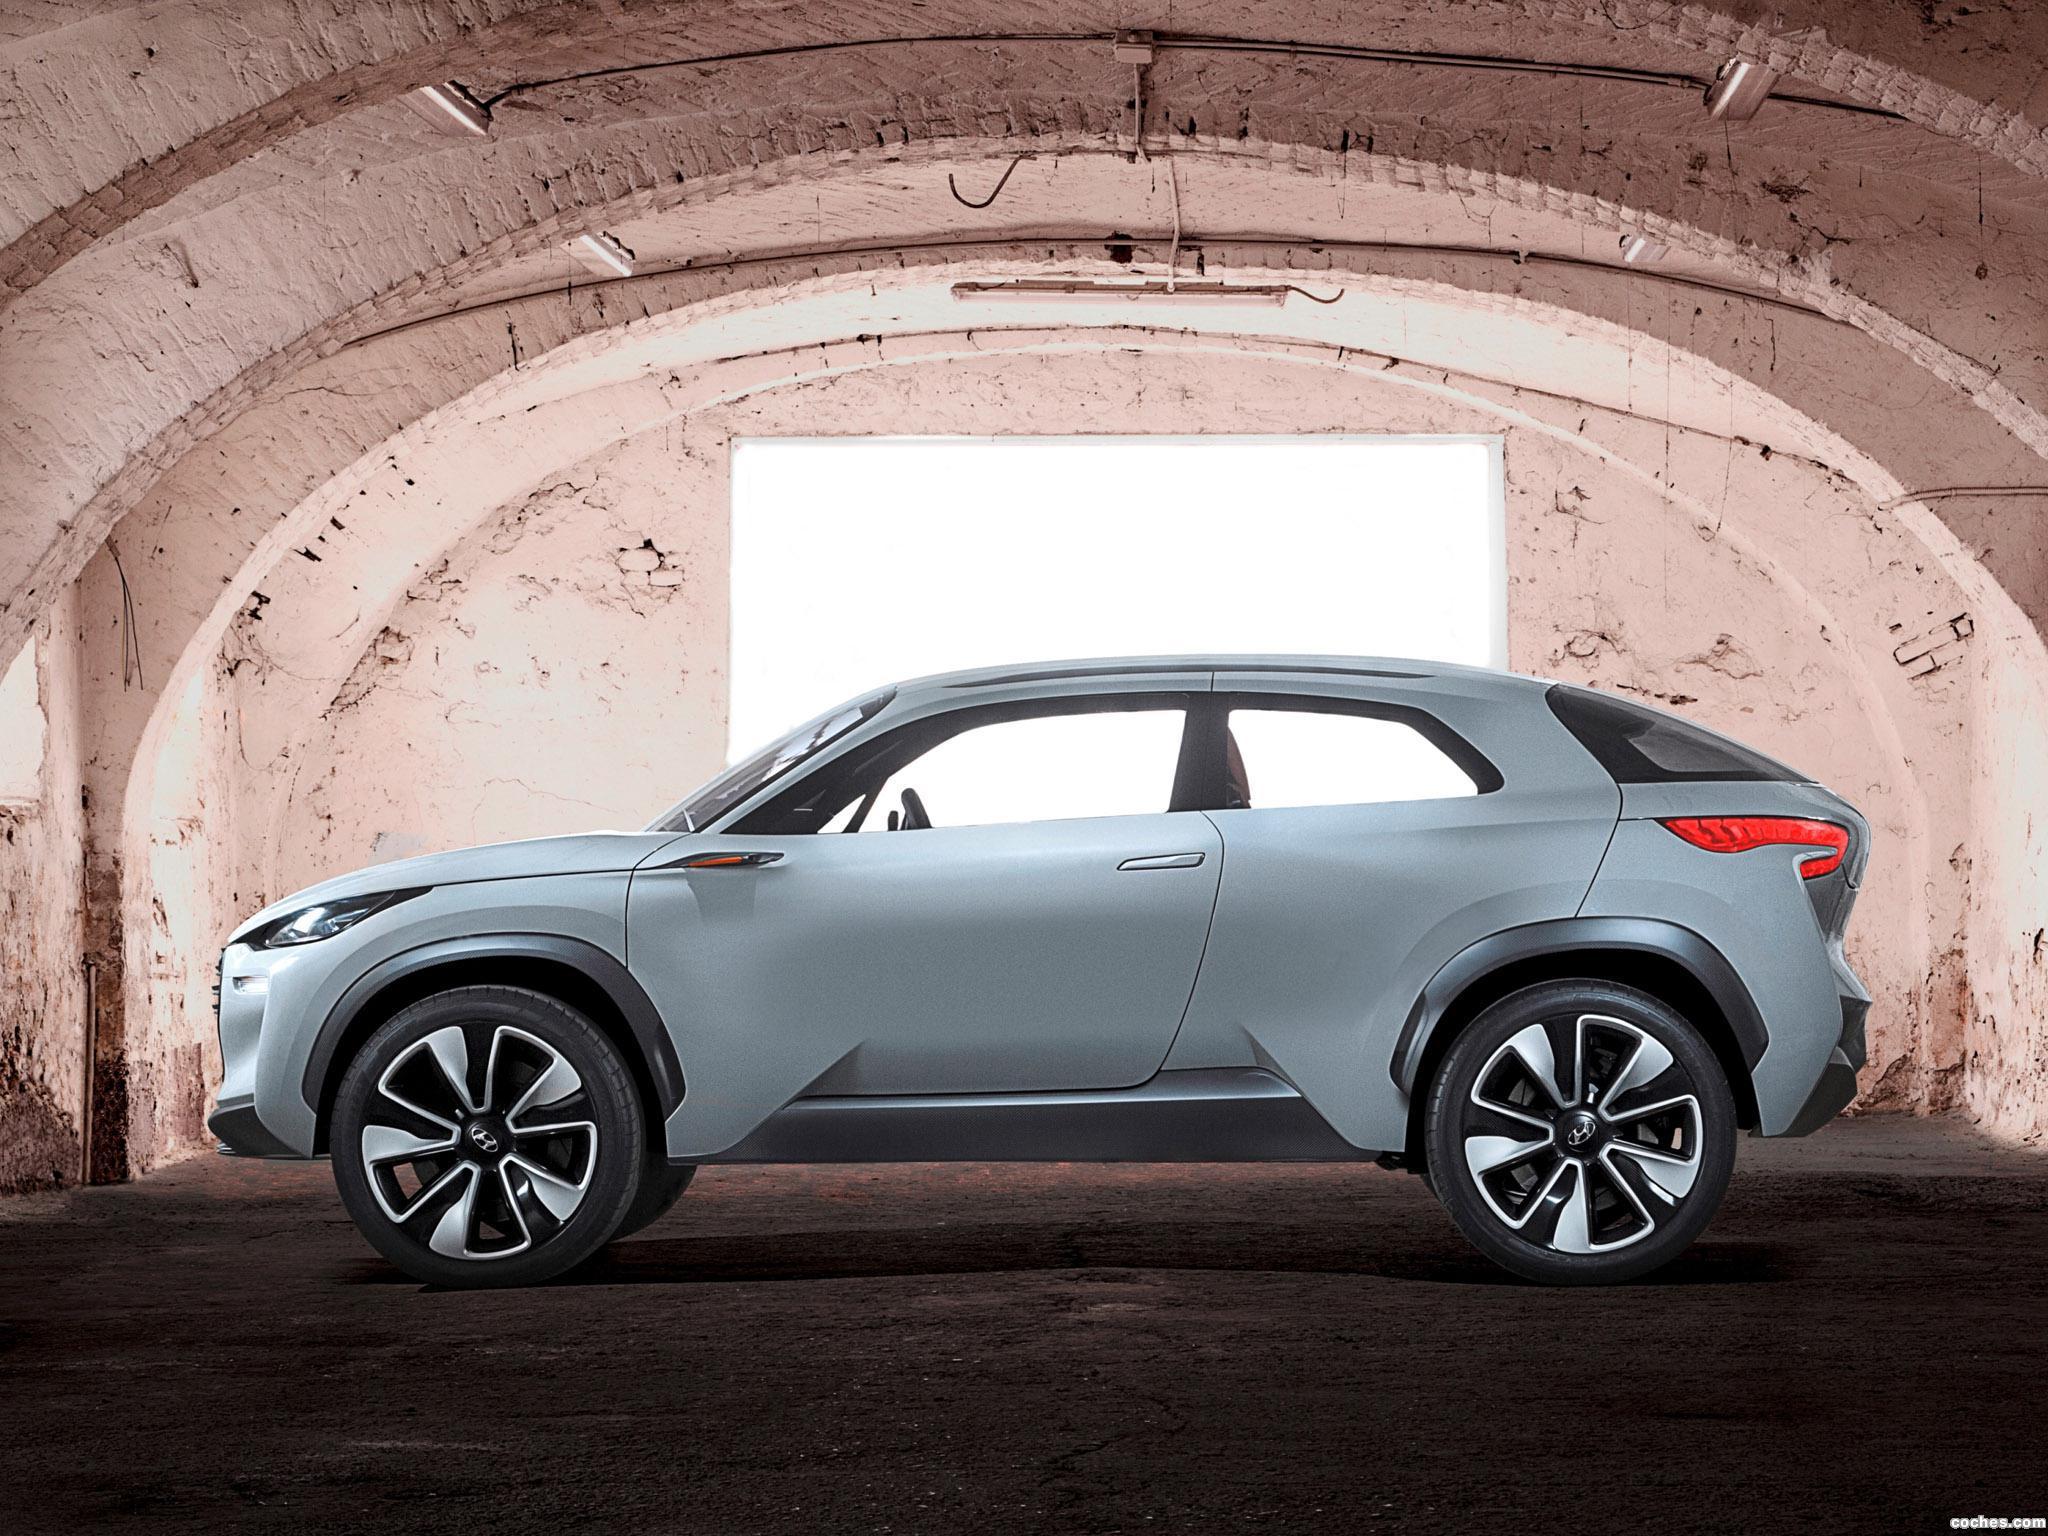 Foto 2 de Hyundai Intrado Concept 2014